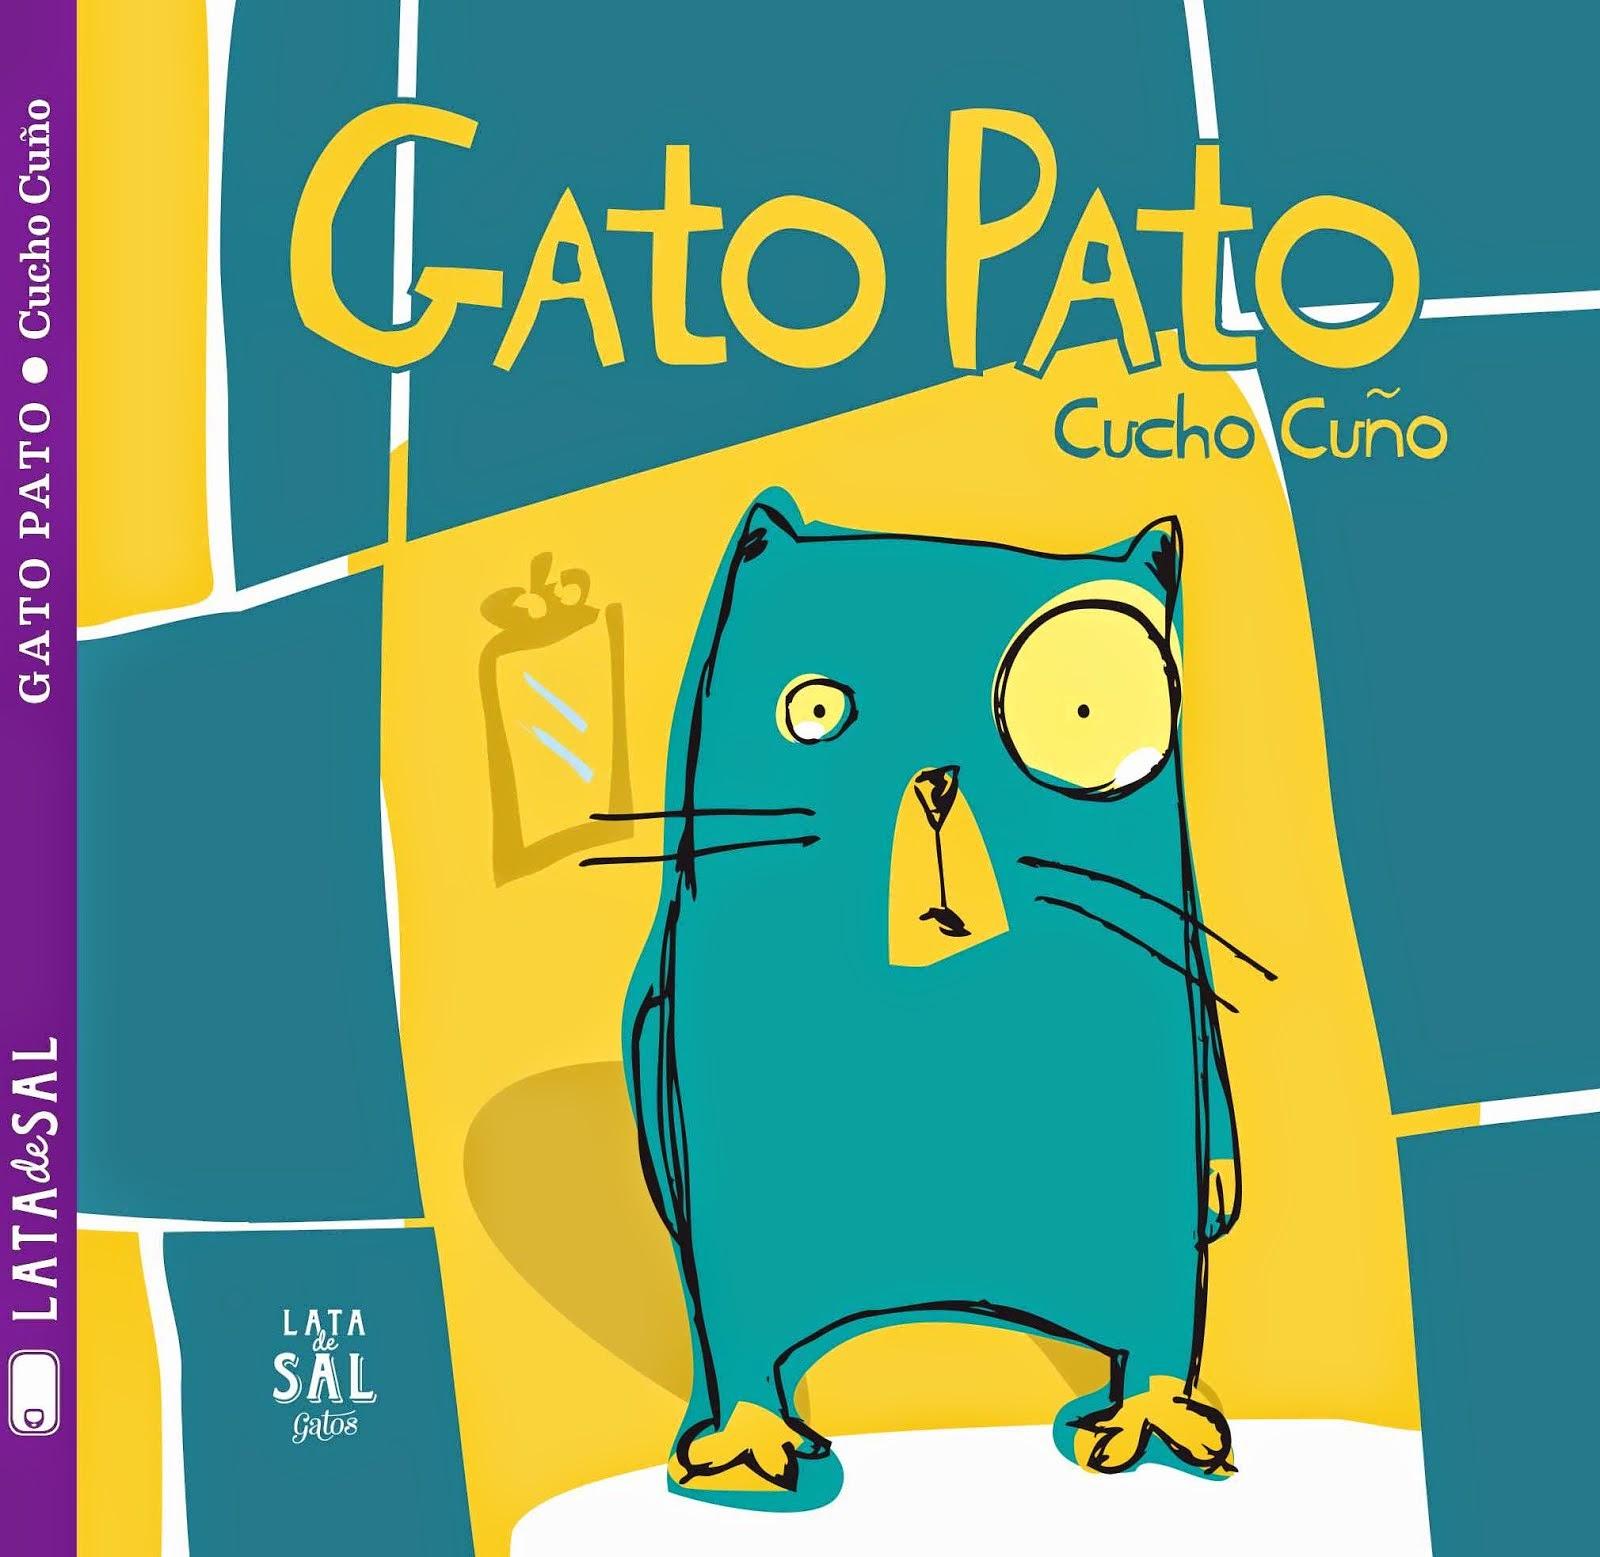 GATO PATO - Lata de Sal